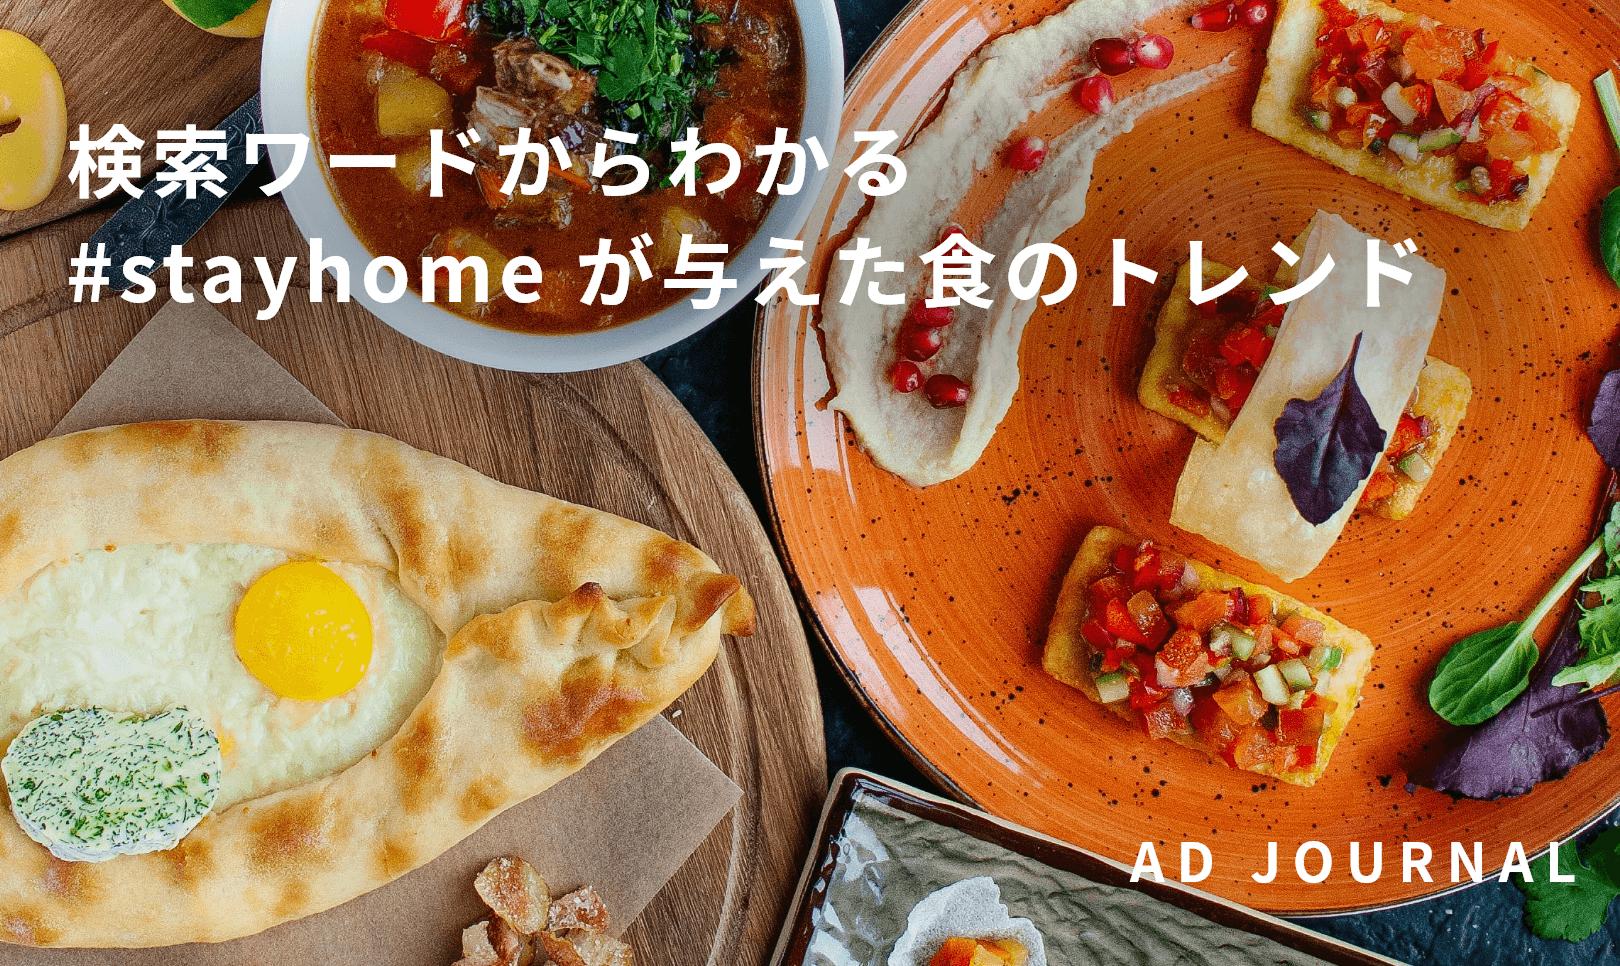 検索ワードからわかる #stayhome が与えた食のトレンド